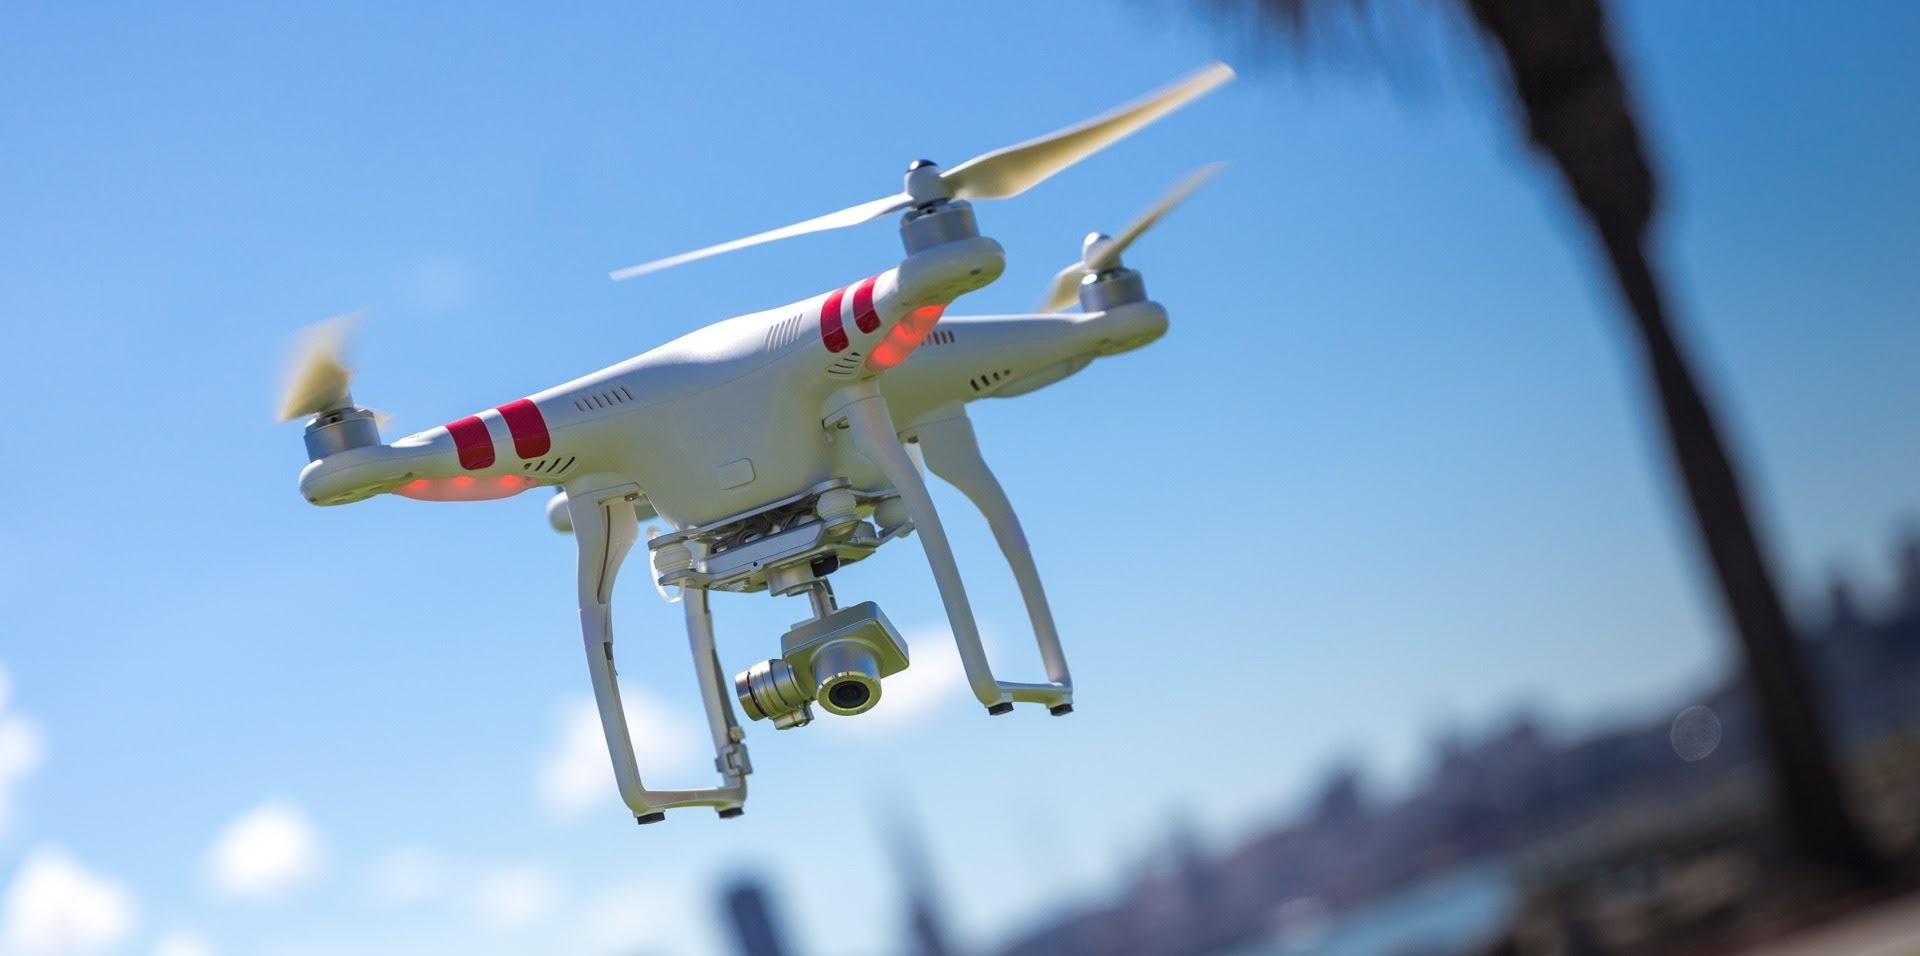 envie-de-piloter-un-drone-desormais-une-formation-simpose